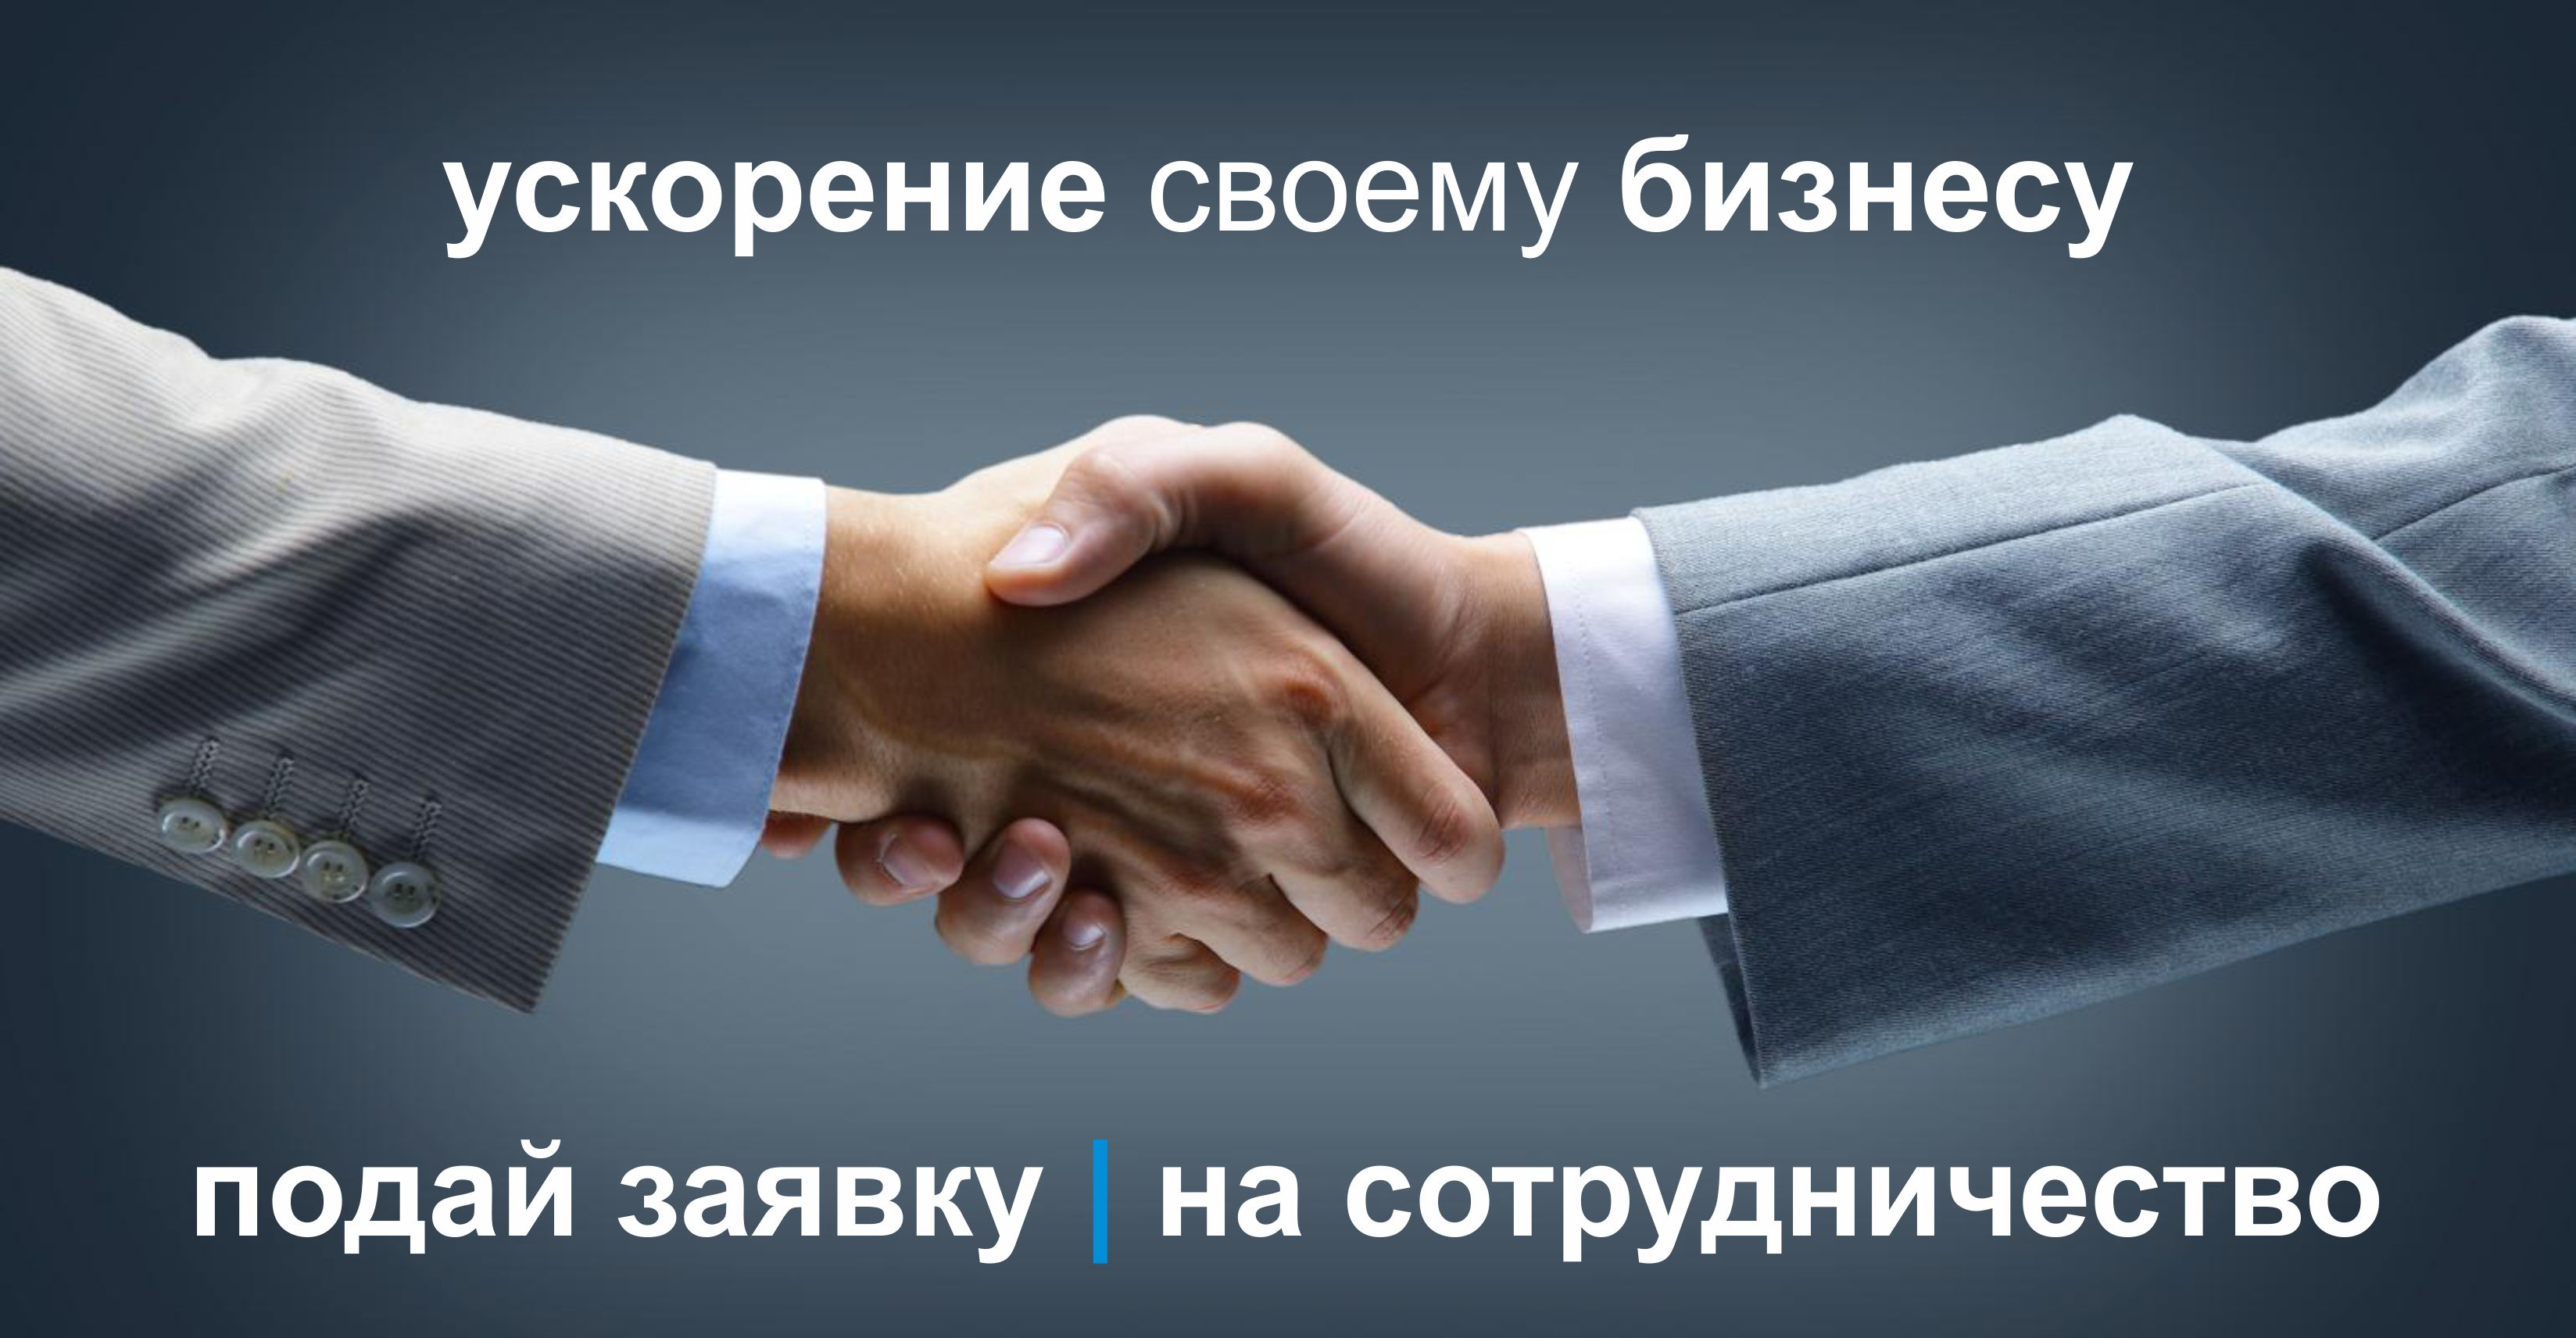 Побуждение к сотрудничеству